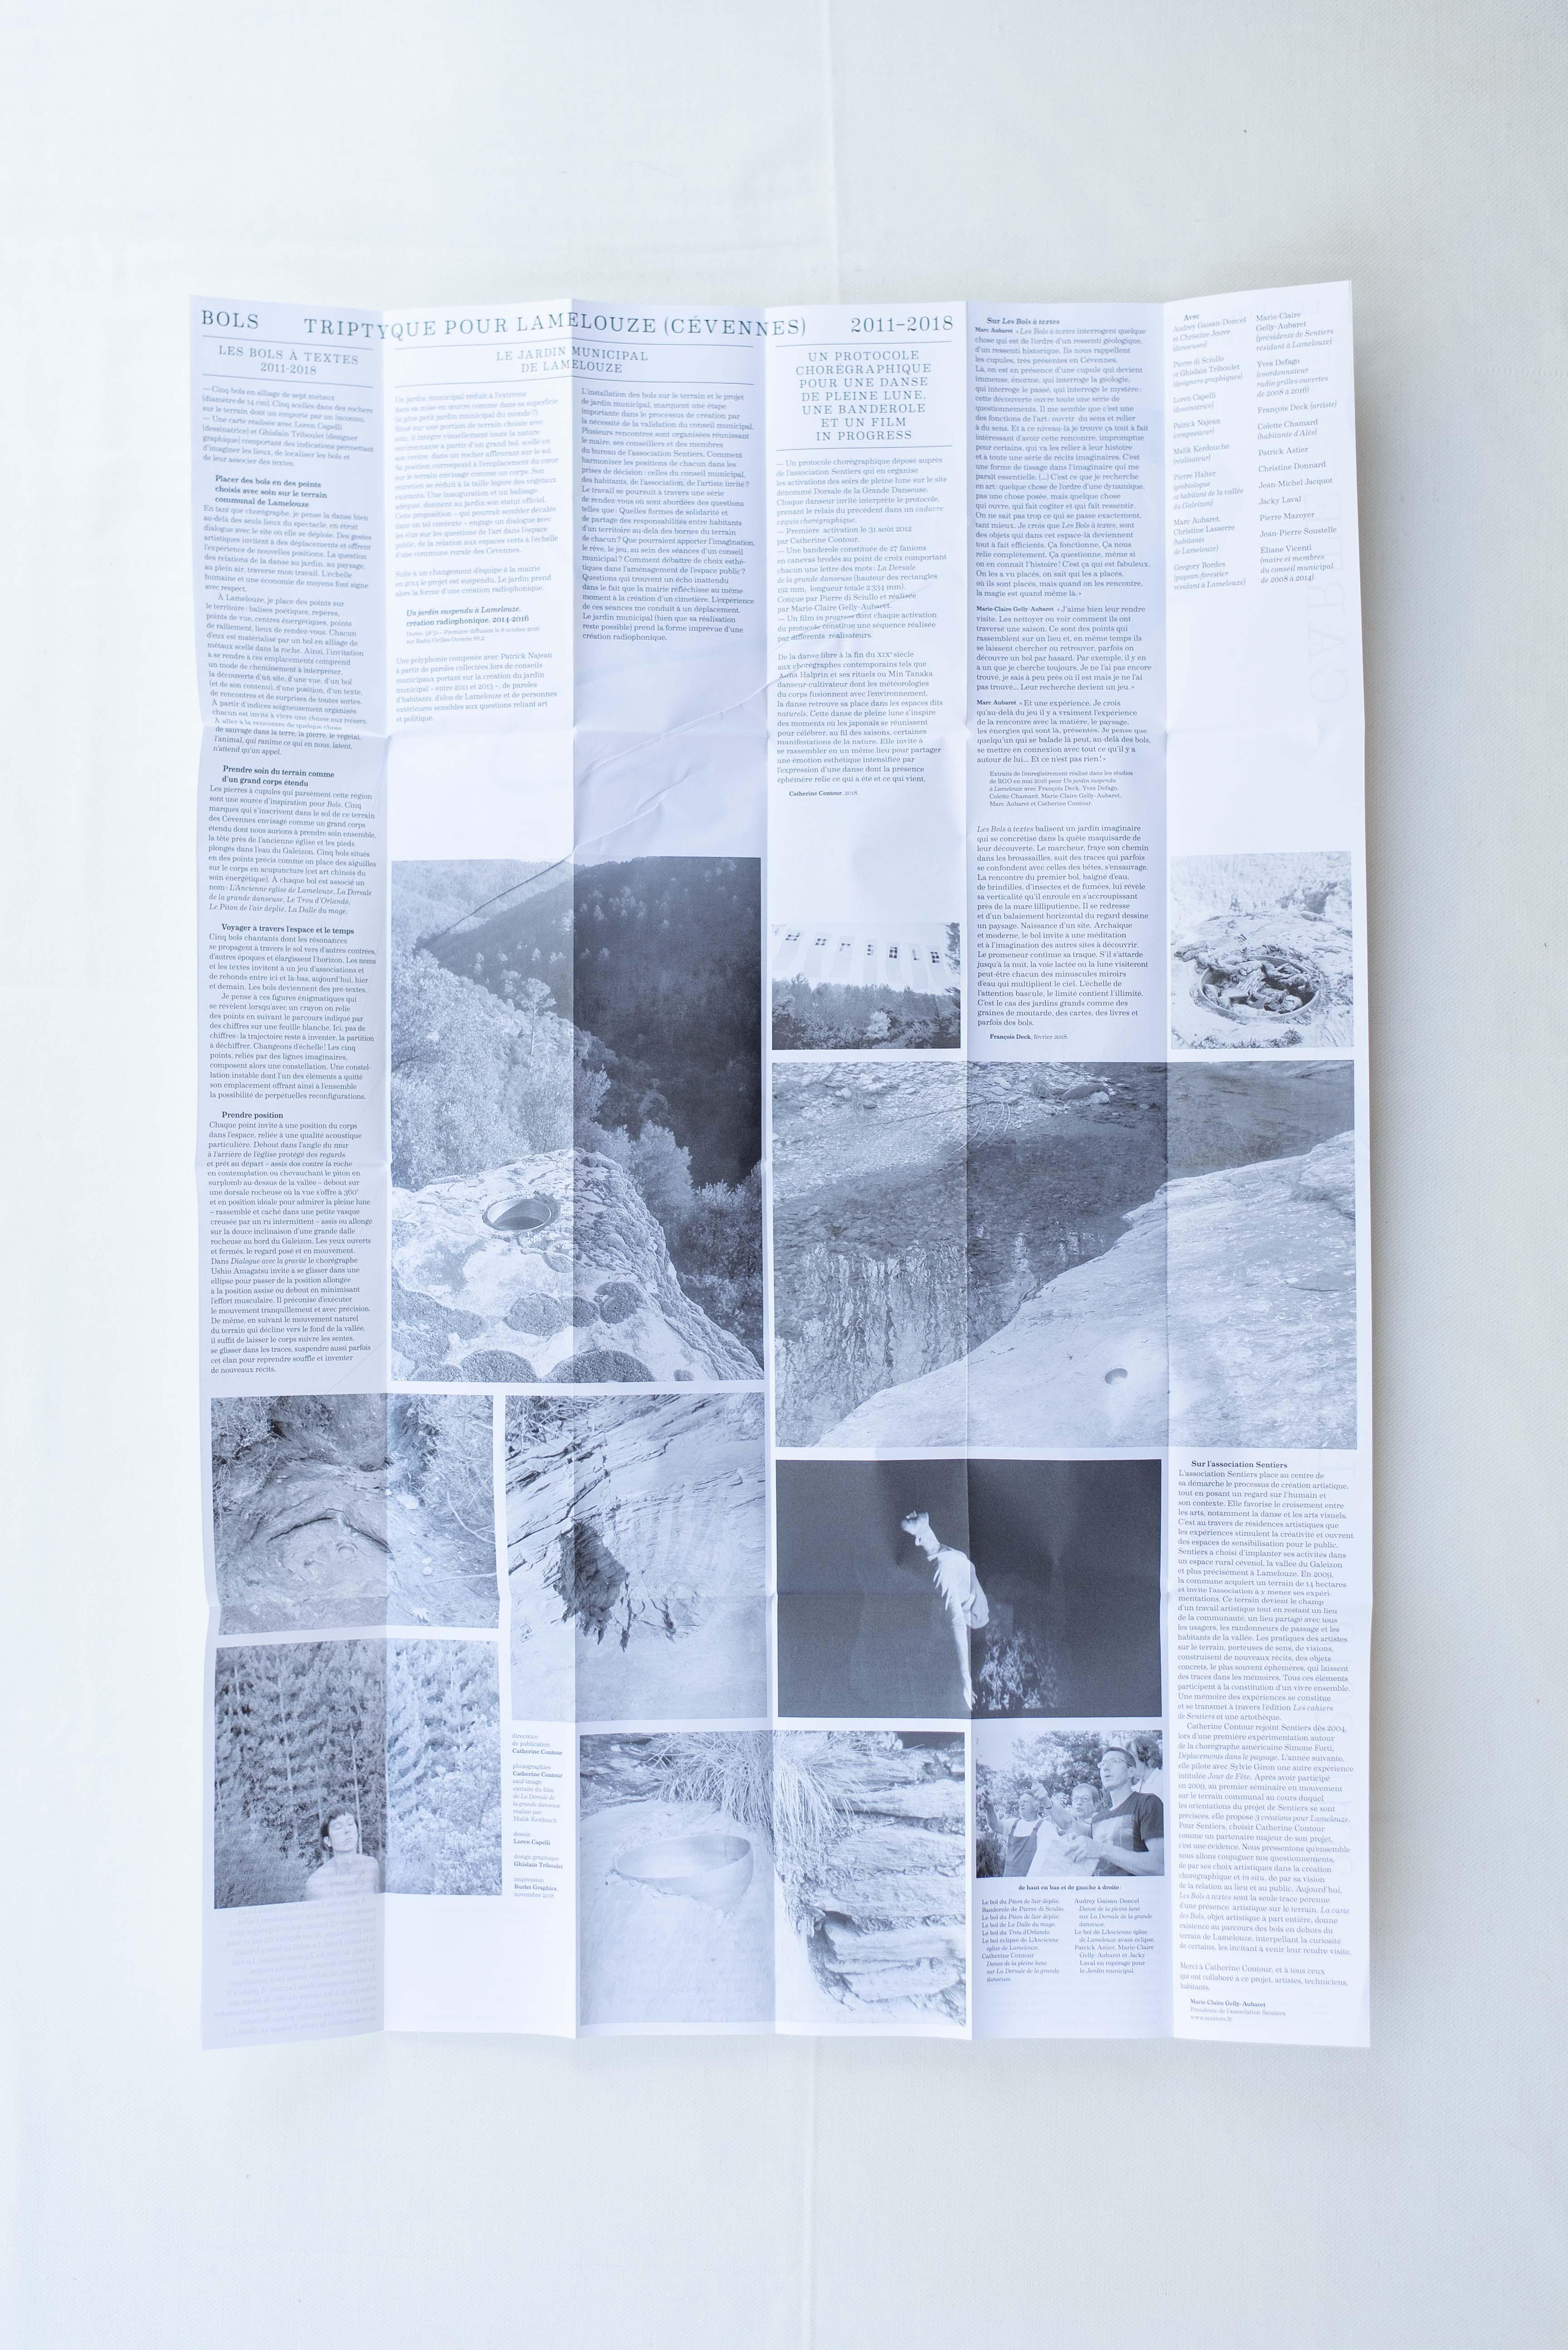 Carte pour les bols à textes (2018)